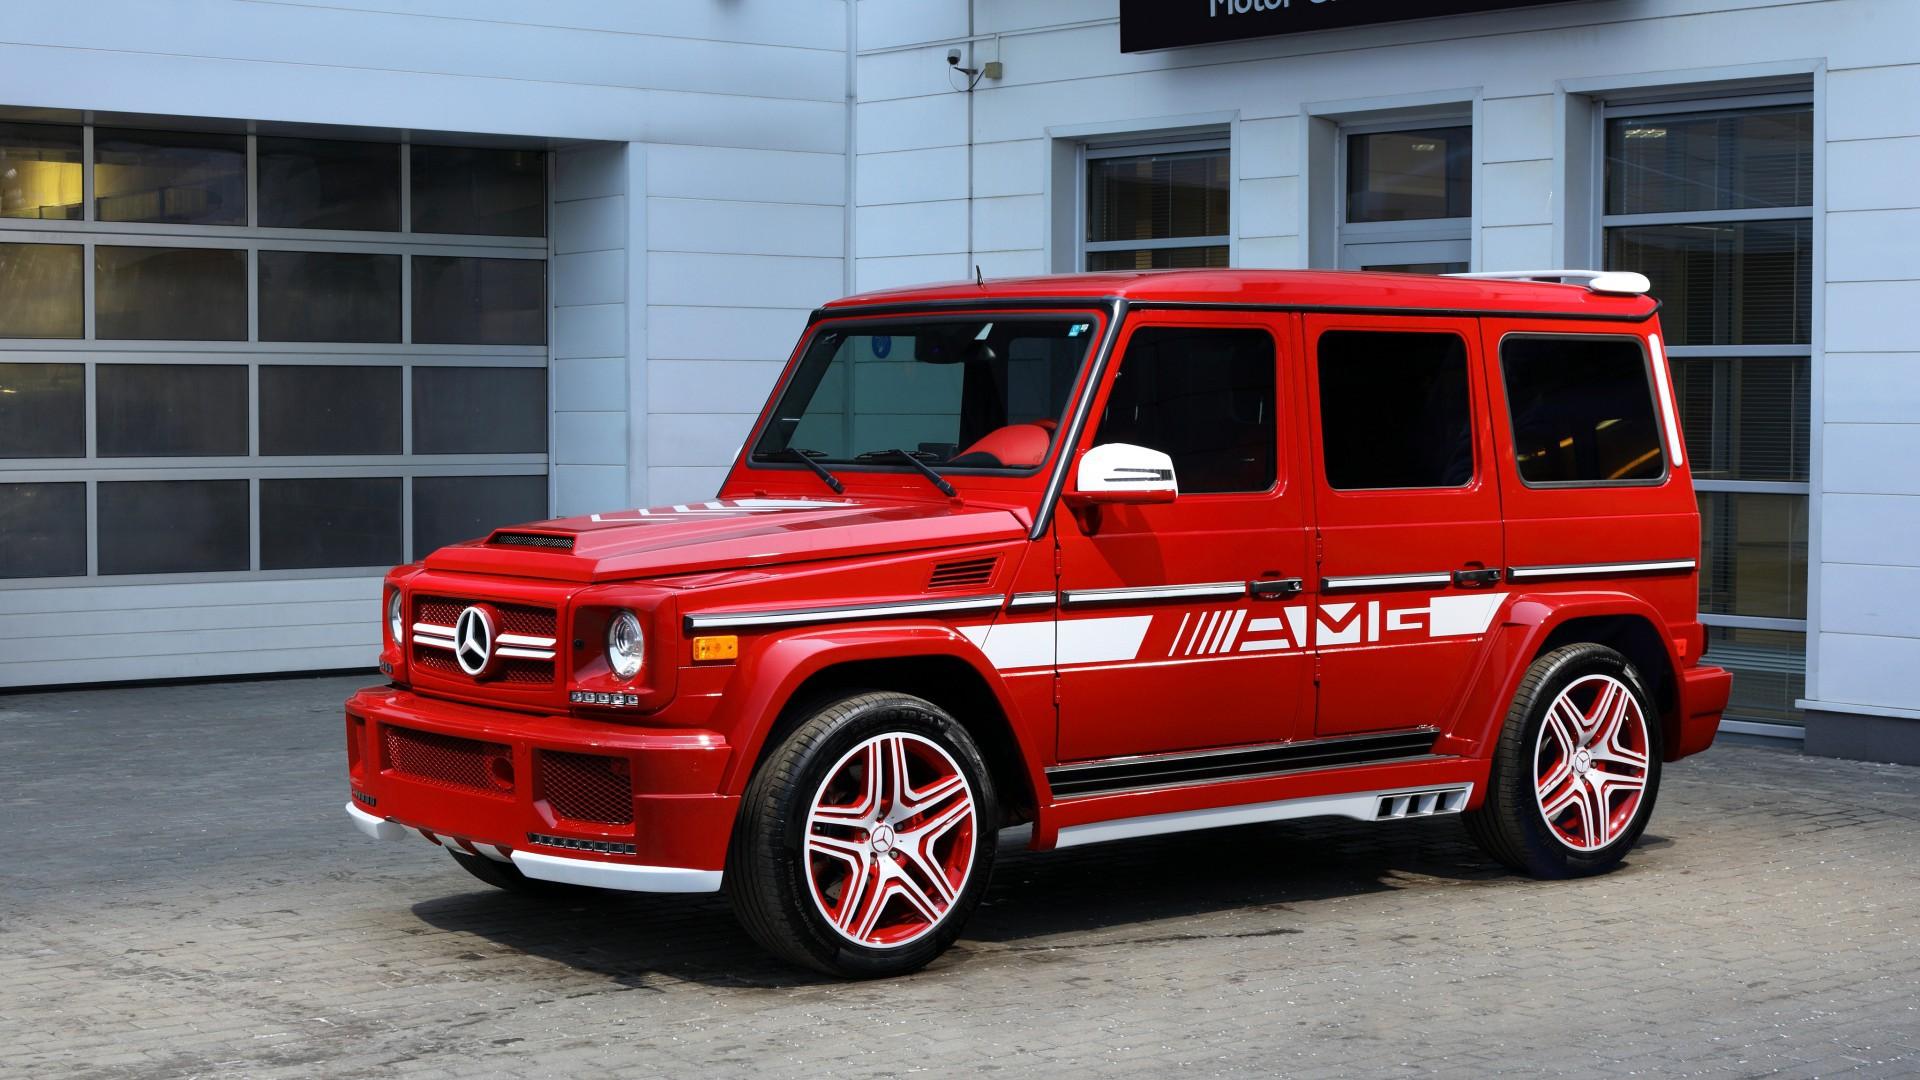 Mercedes benz gelandewagen tuning 4k for Mercedes benz gelandewagen